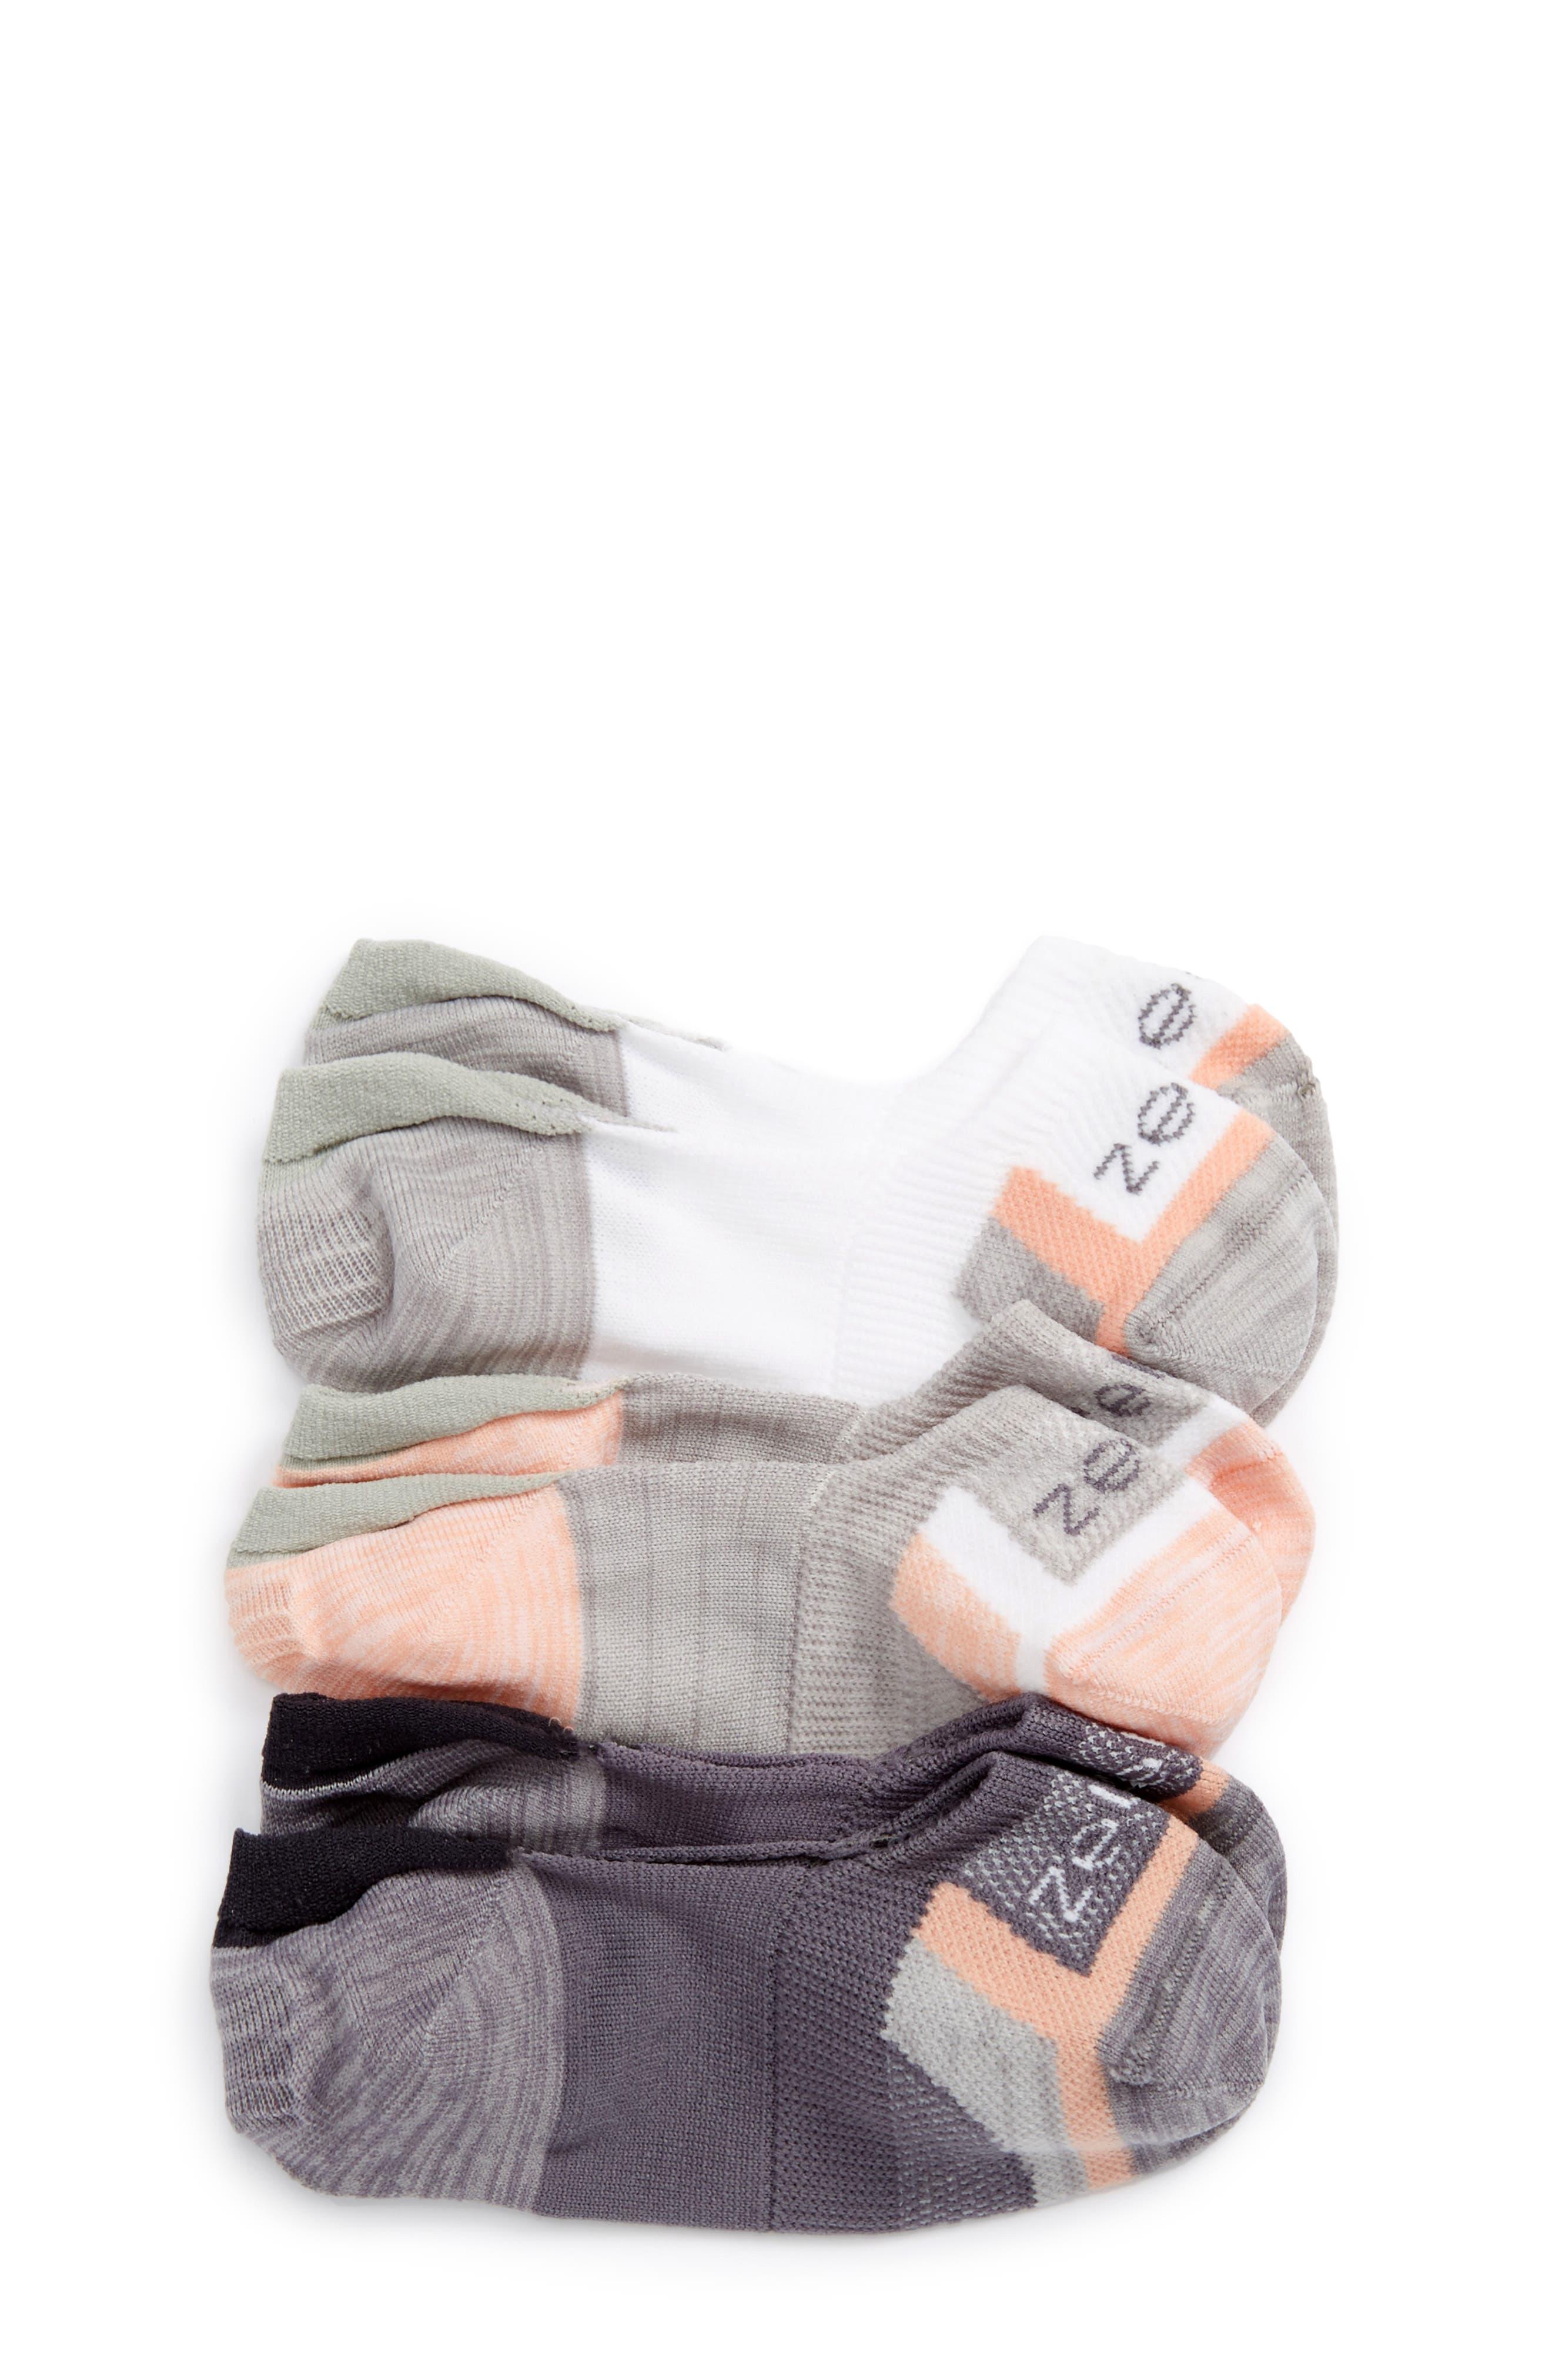 Alternate Image 1 Selected - Zella Girl Secret 3-Pack No-Show Socks (Toddler, Little Kid & Big Kid)